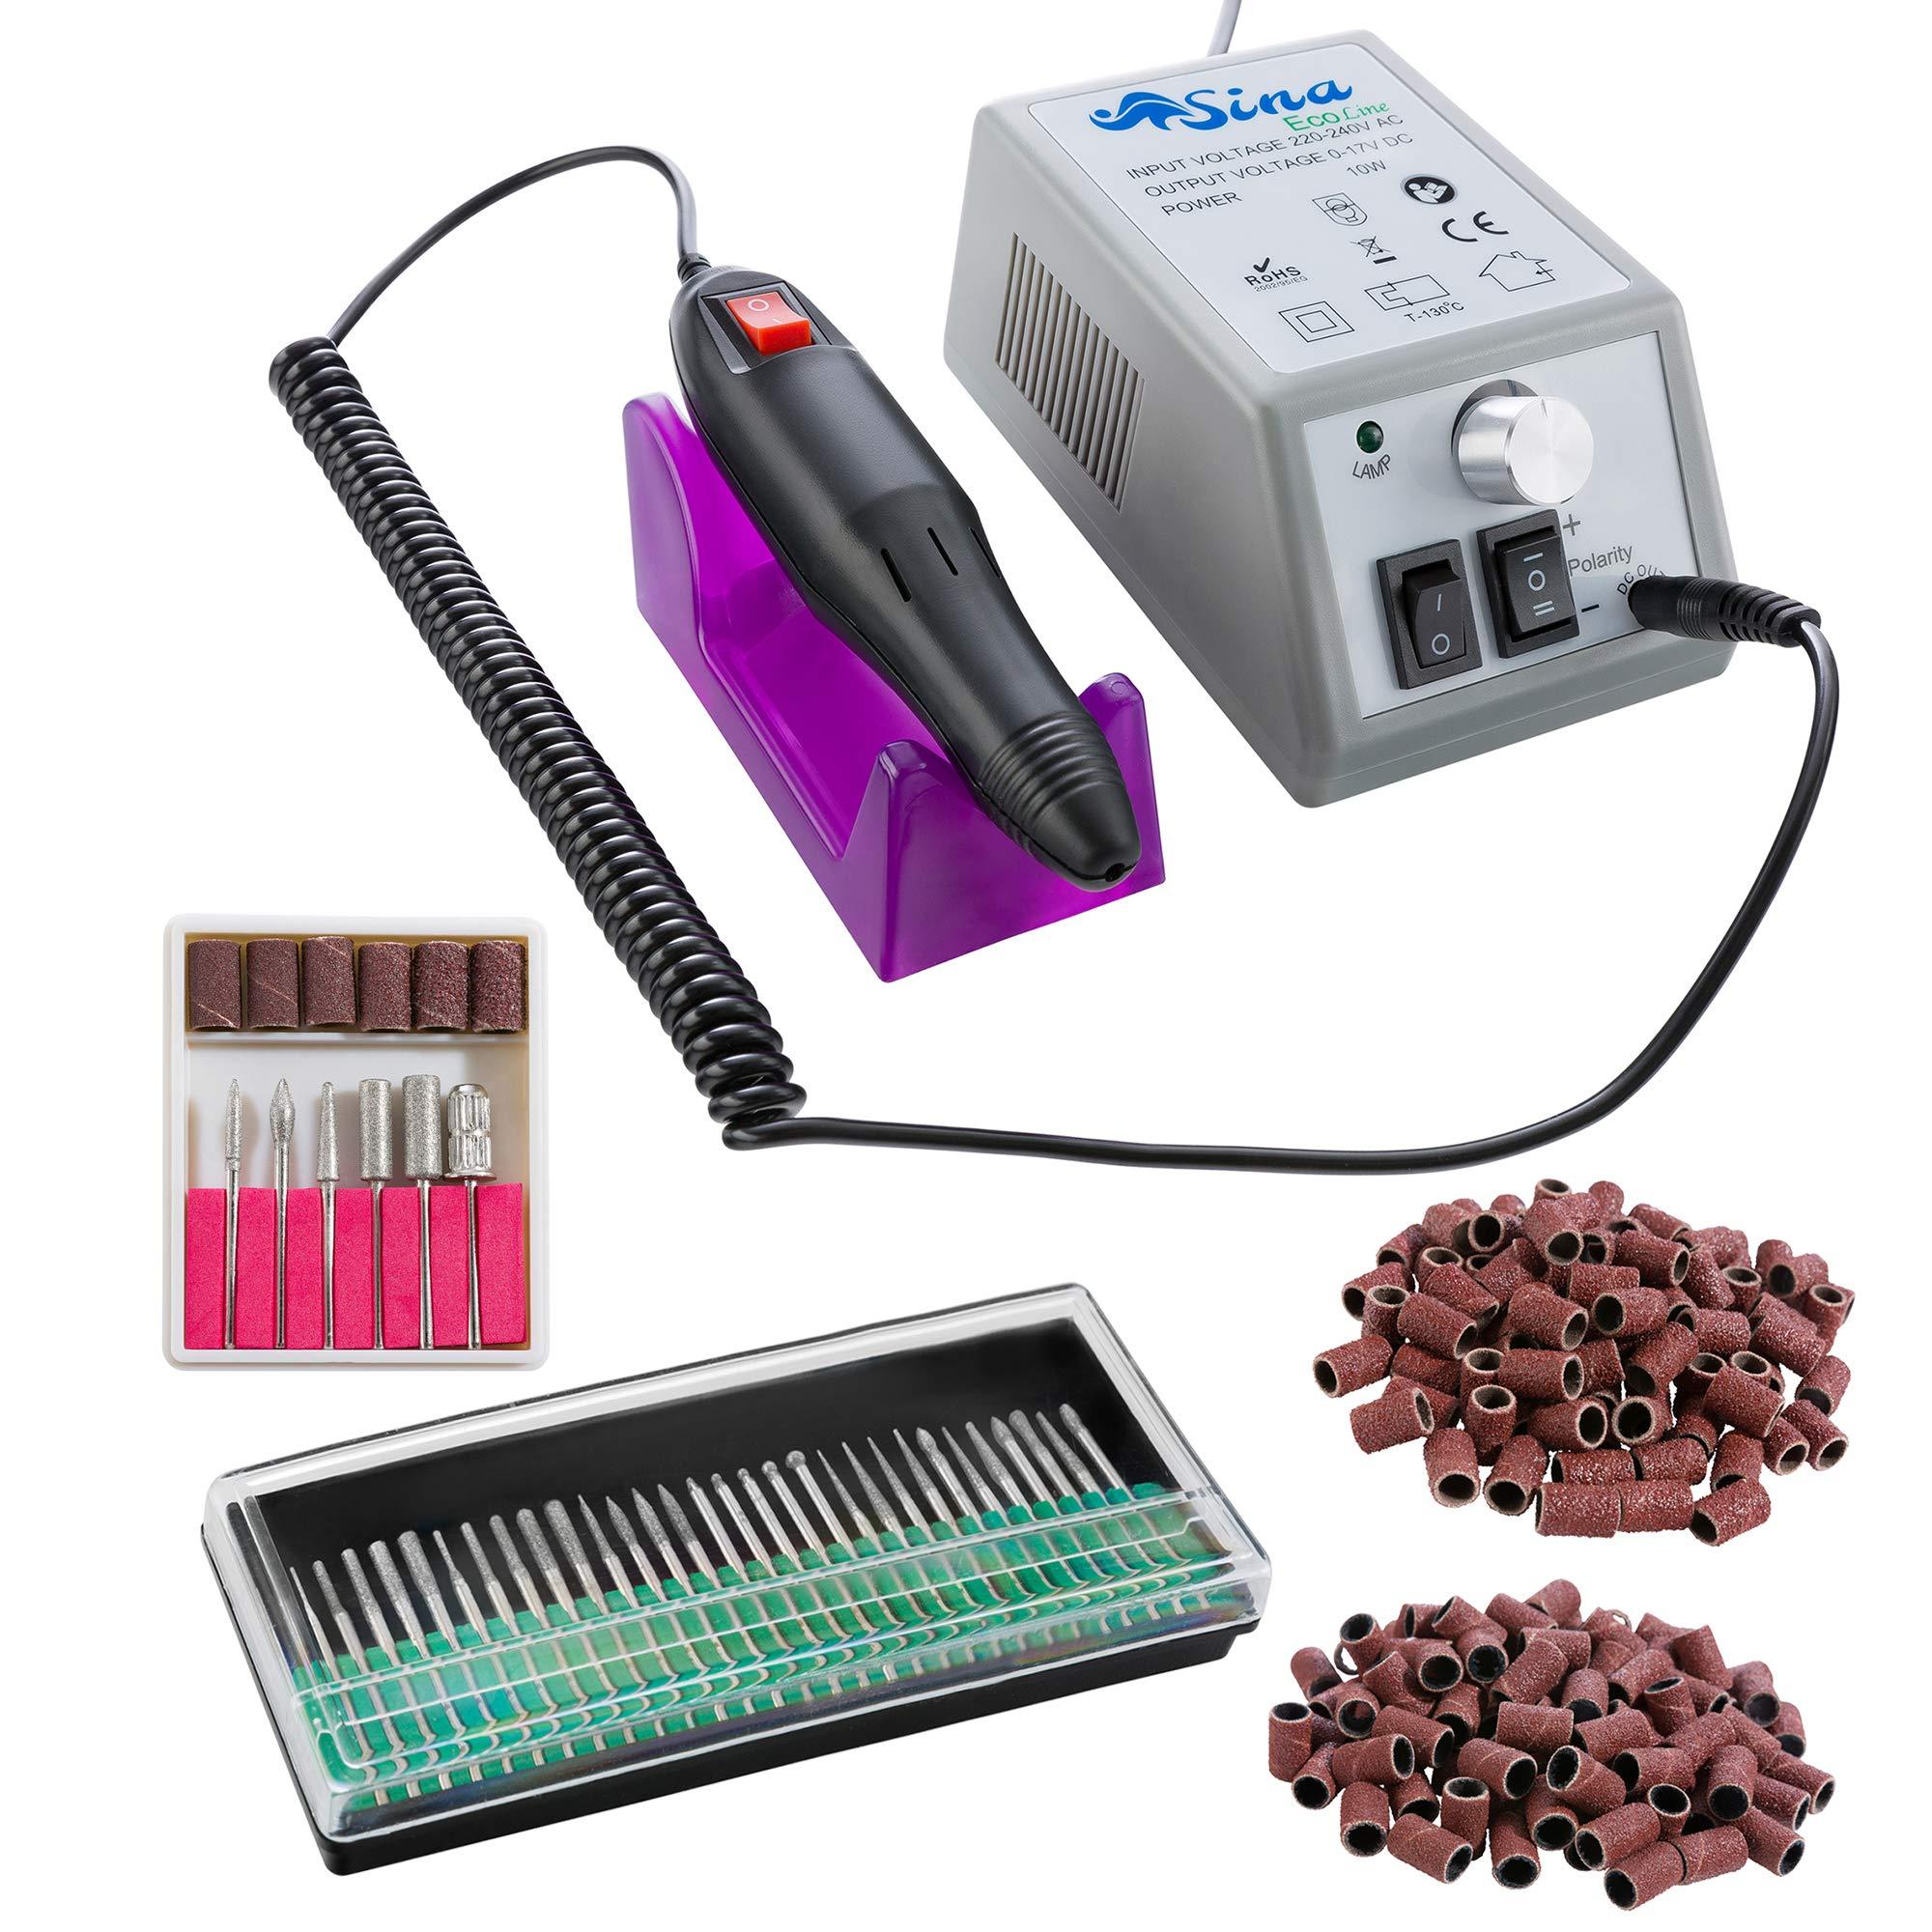 Sina Ponceuse Electrique Lime Ongles Manucure Pédicure avec Nombreux Accessoires product image